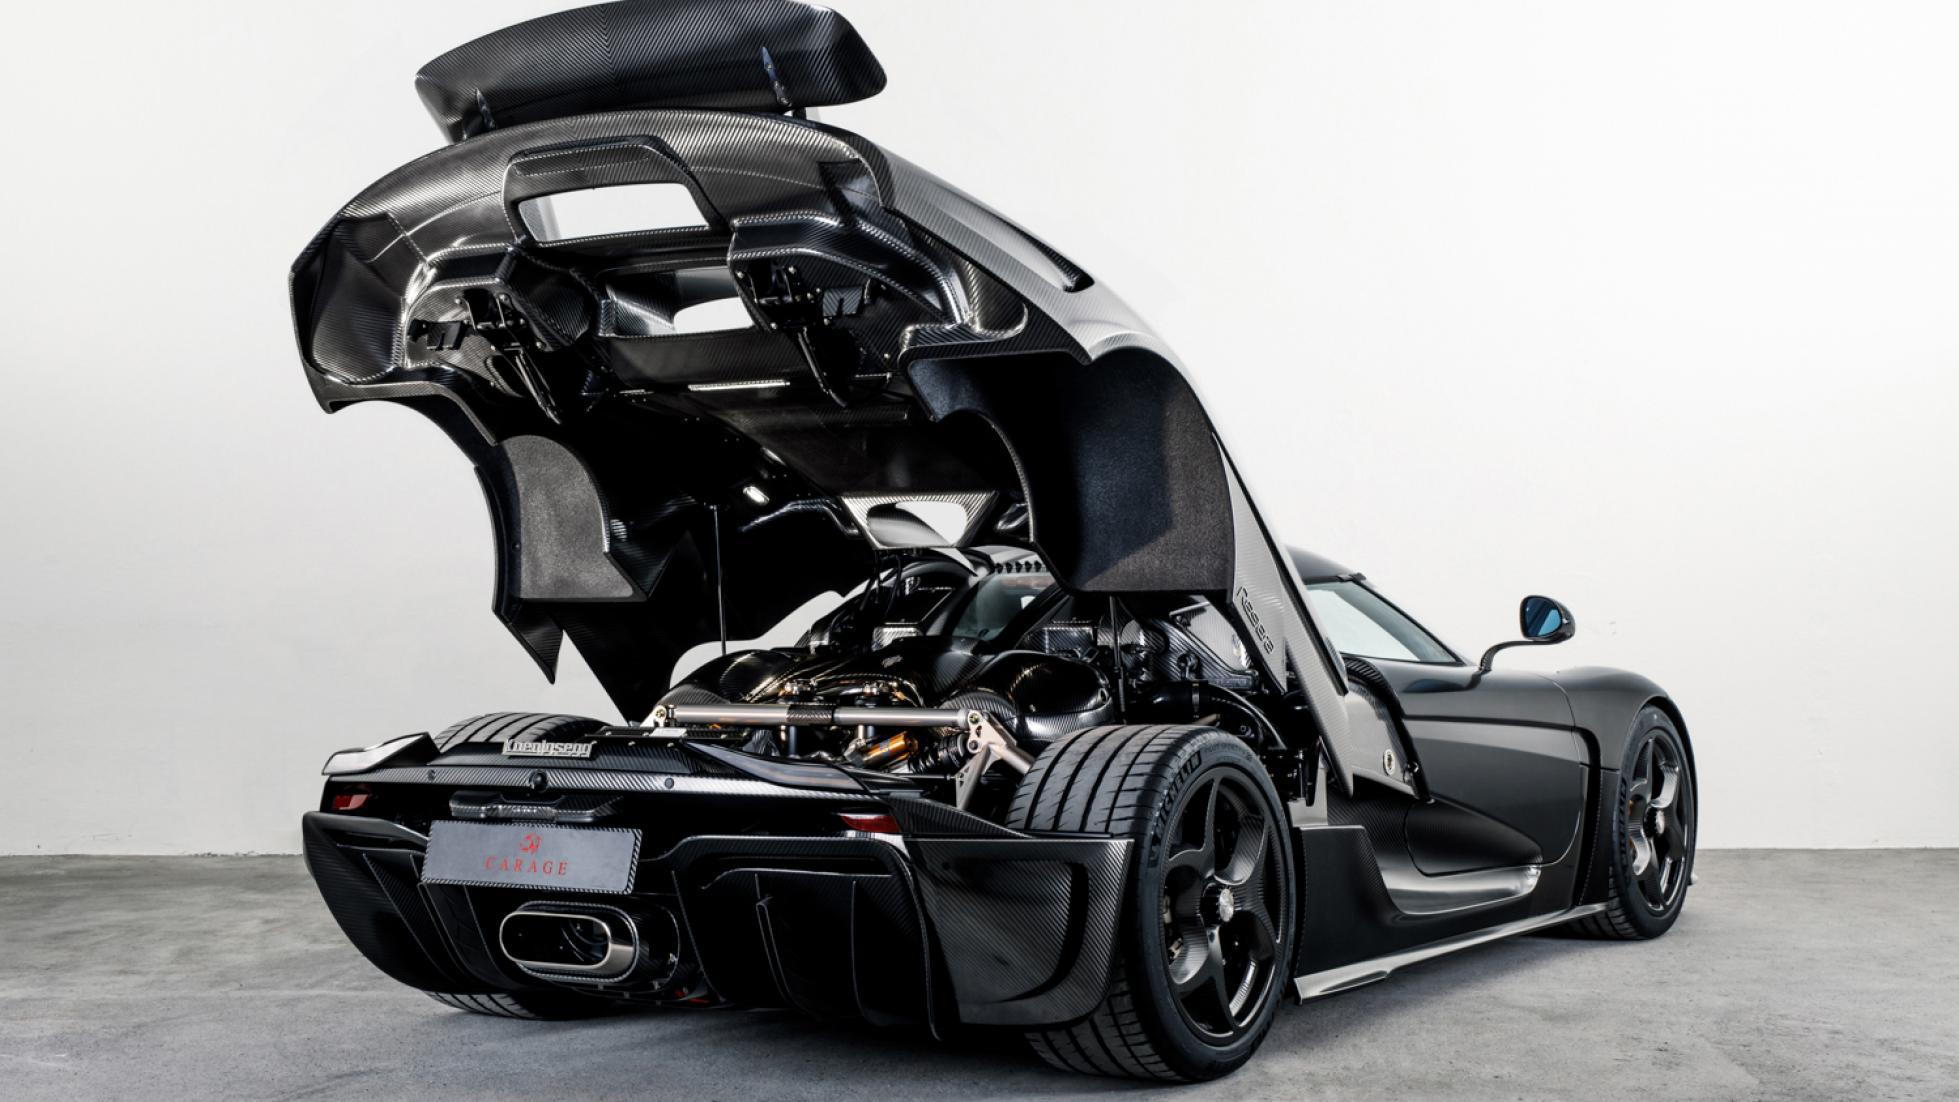 اثری هنری به نام کونیگزگ رگرا/ خودرویی از فیبر کربن خالص